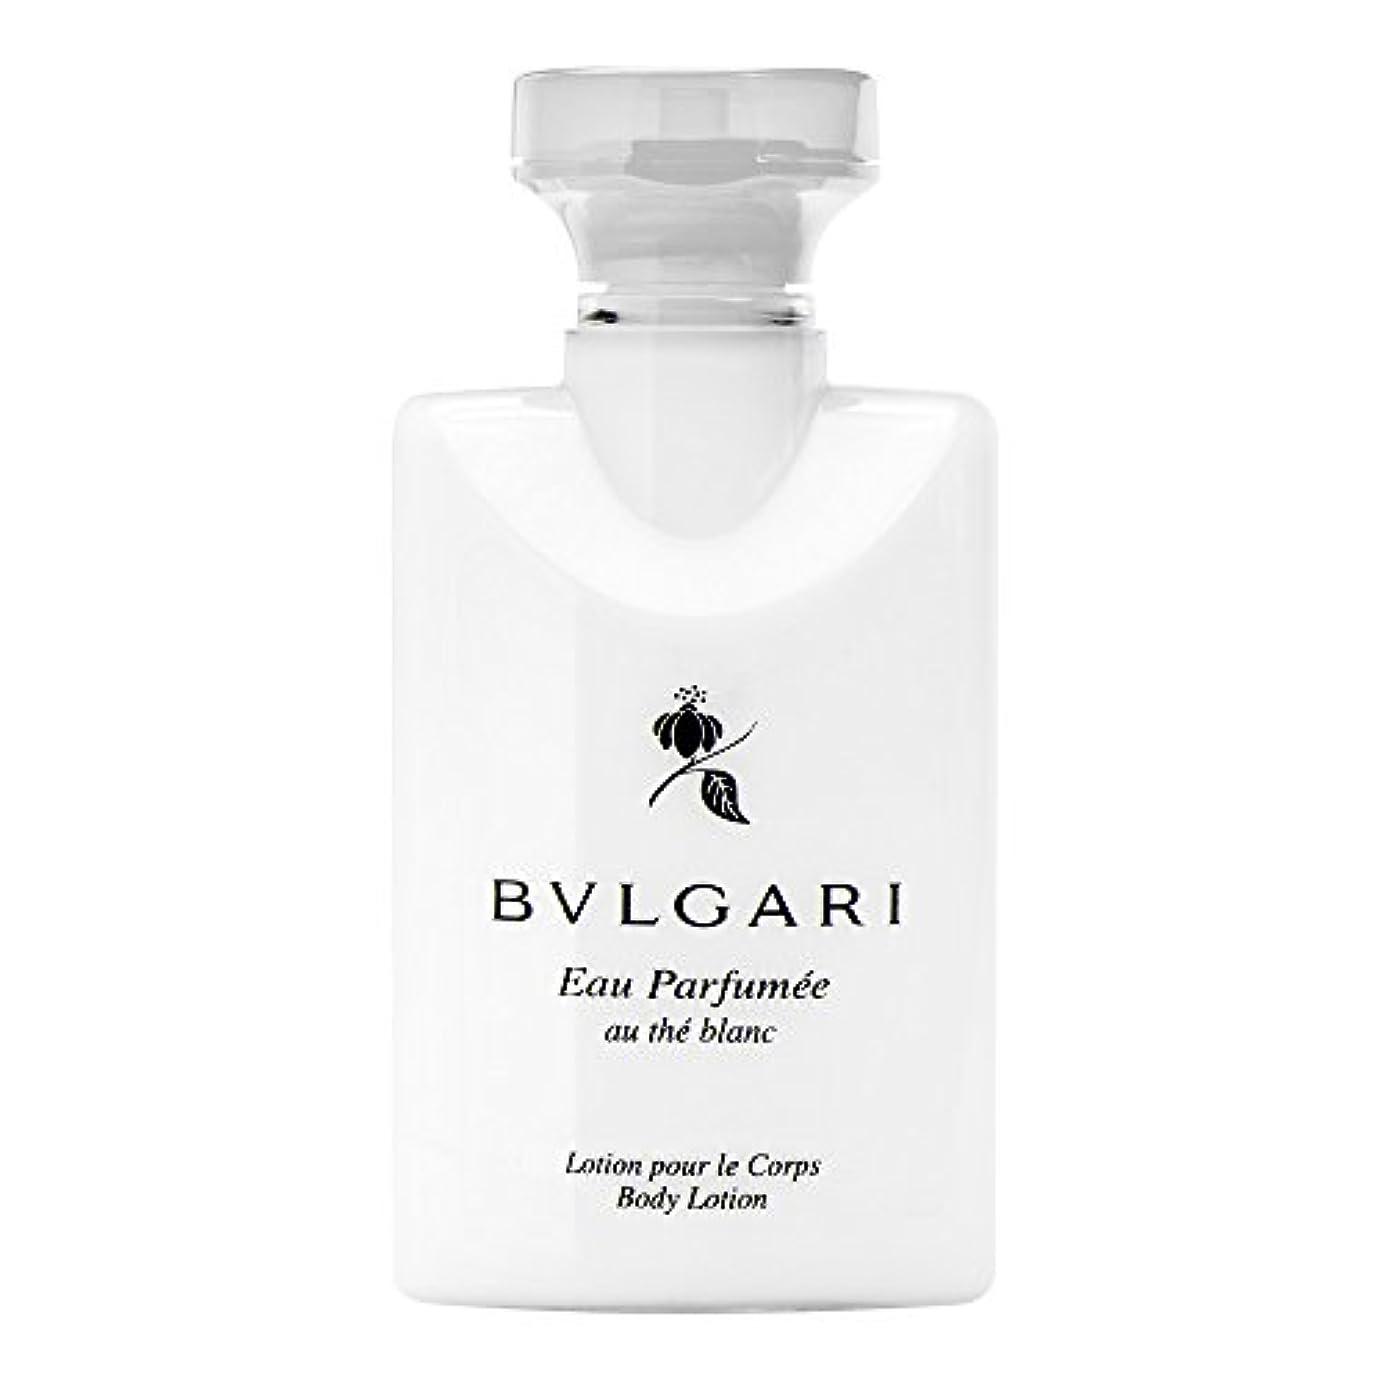 敵意説教するためにBvlgari Eau Parfumee Au The Blanc (ブルガリ オー パフュ-メ オウ ブラン) 2.5 oz (75ml) Body Lotion ボディーローション